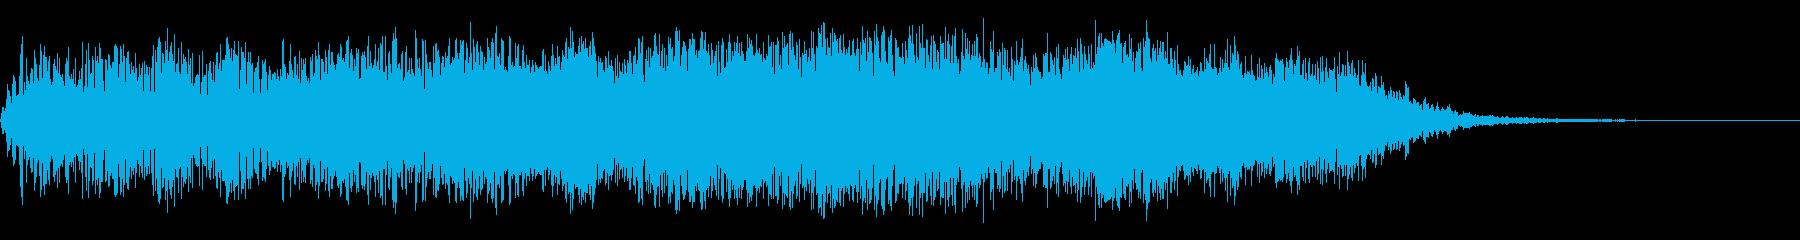 原因不明の現象1の再生済みの波形